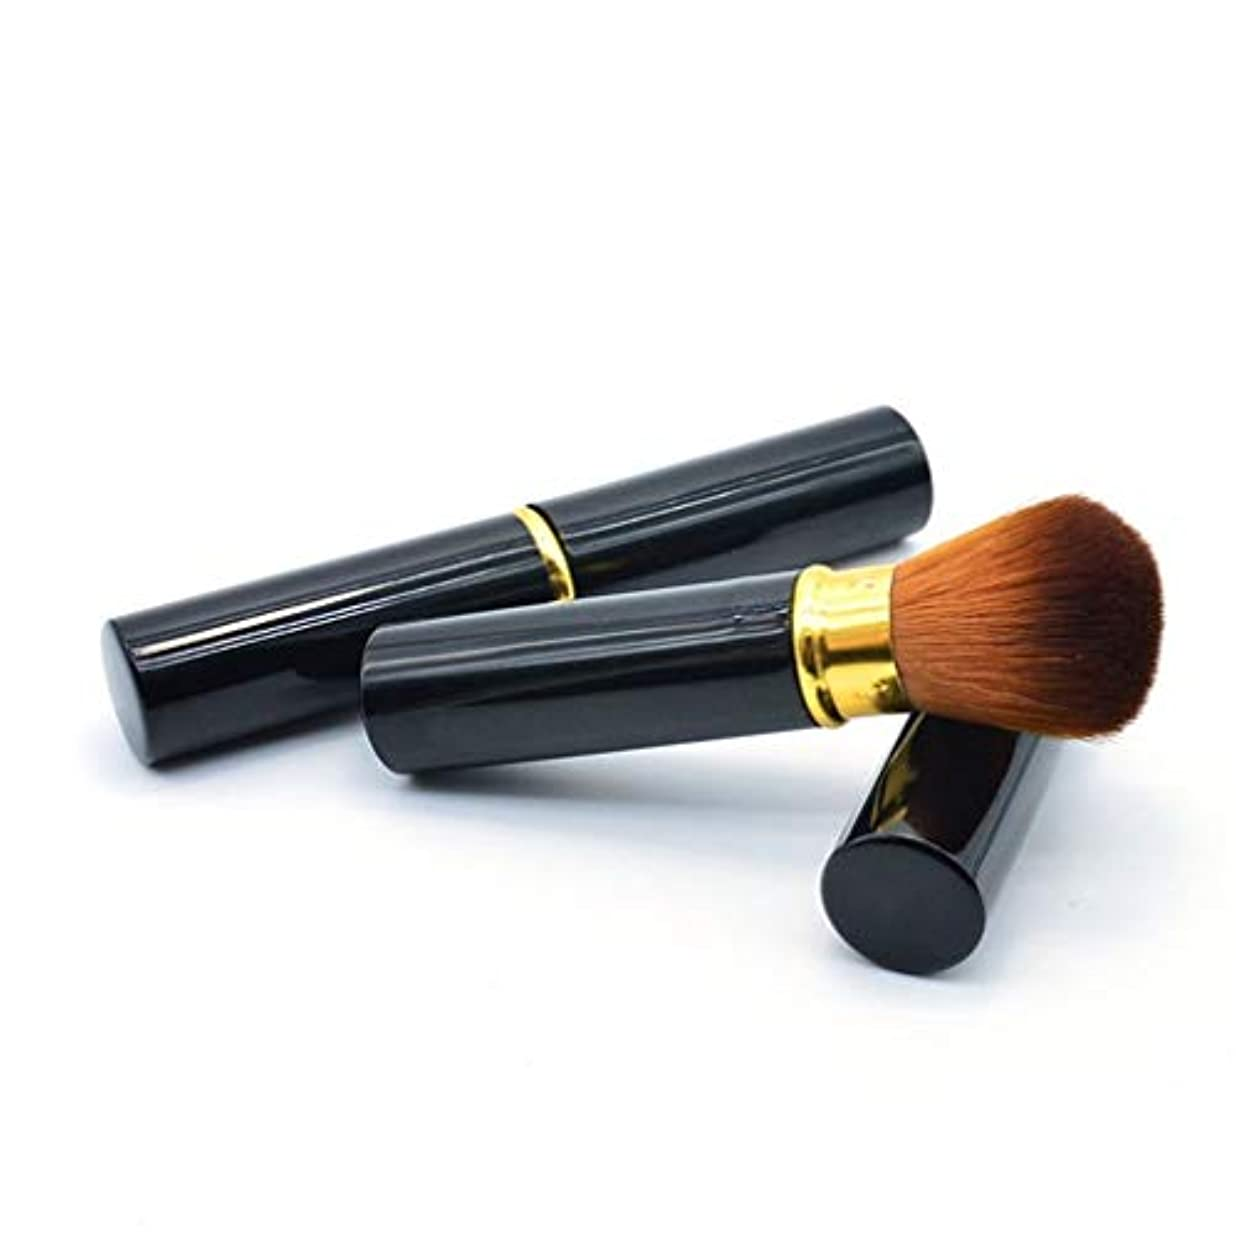 コンパイル高尚な便宜メイクアップブラシファンデーションメイクアップリキッド、クリーム、または完璧なパウダー化粧品 - バフ、点描、コンシーラー - 上質な合成稠密剛毛